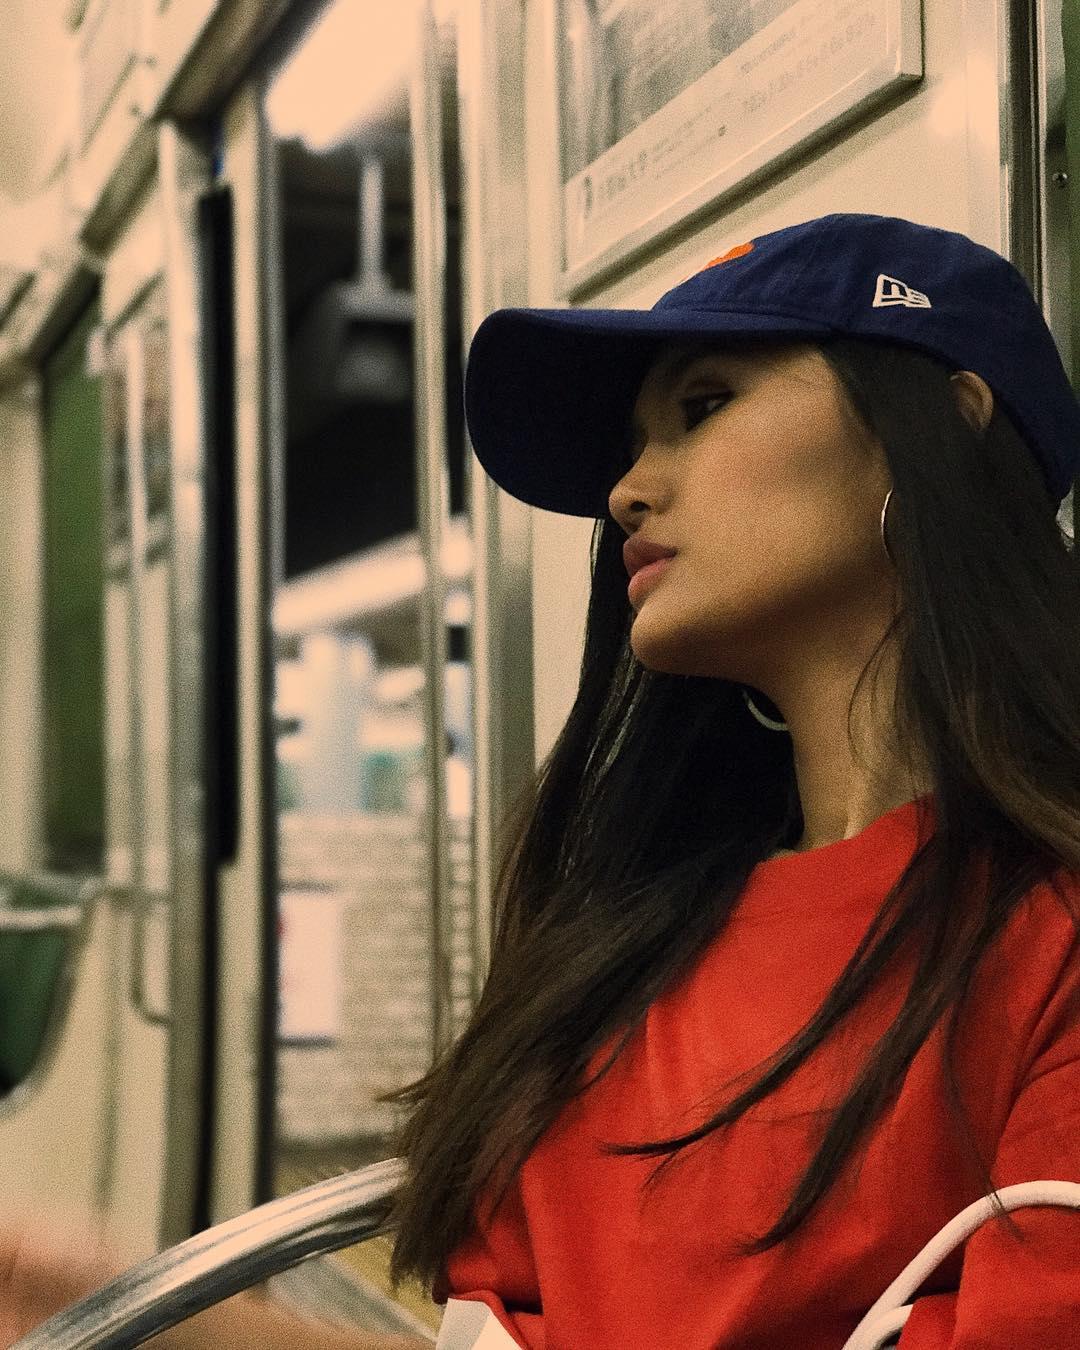 Amy-Jongt-Wallpapers-Insta-Fit-Bio-7